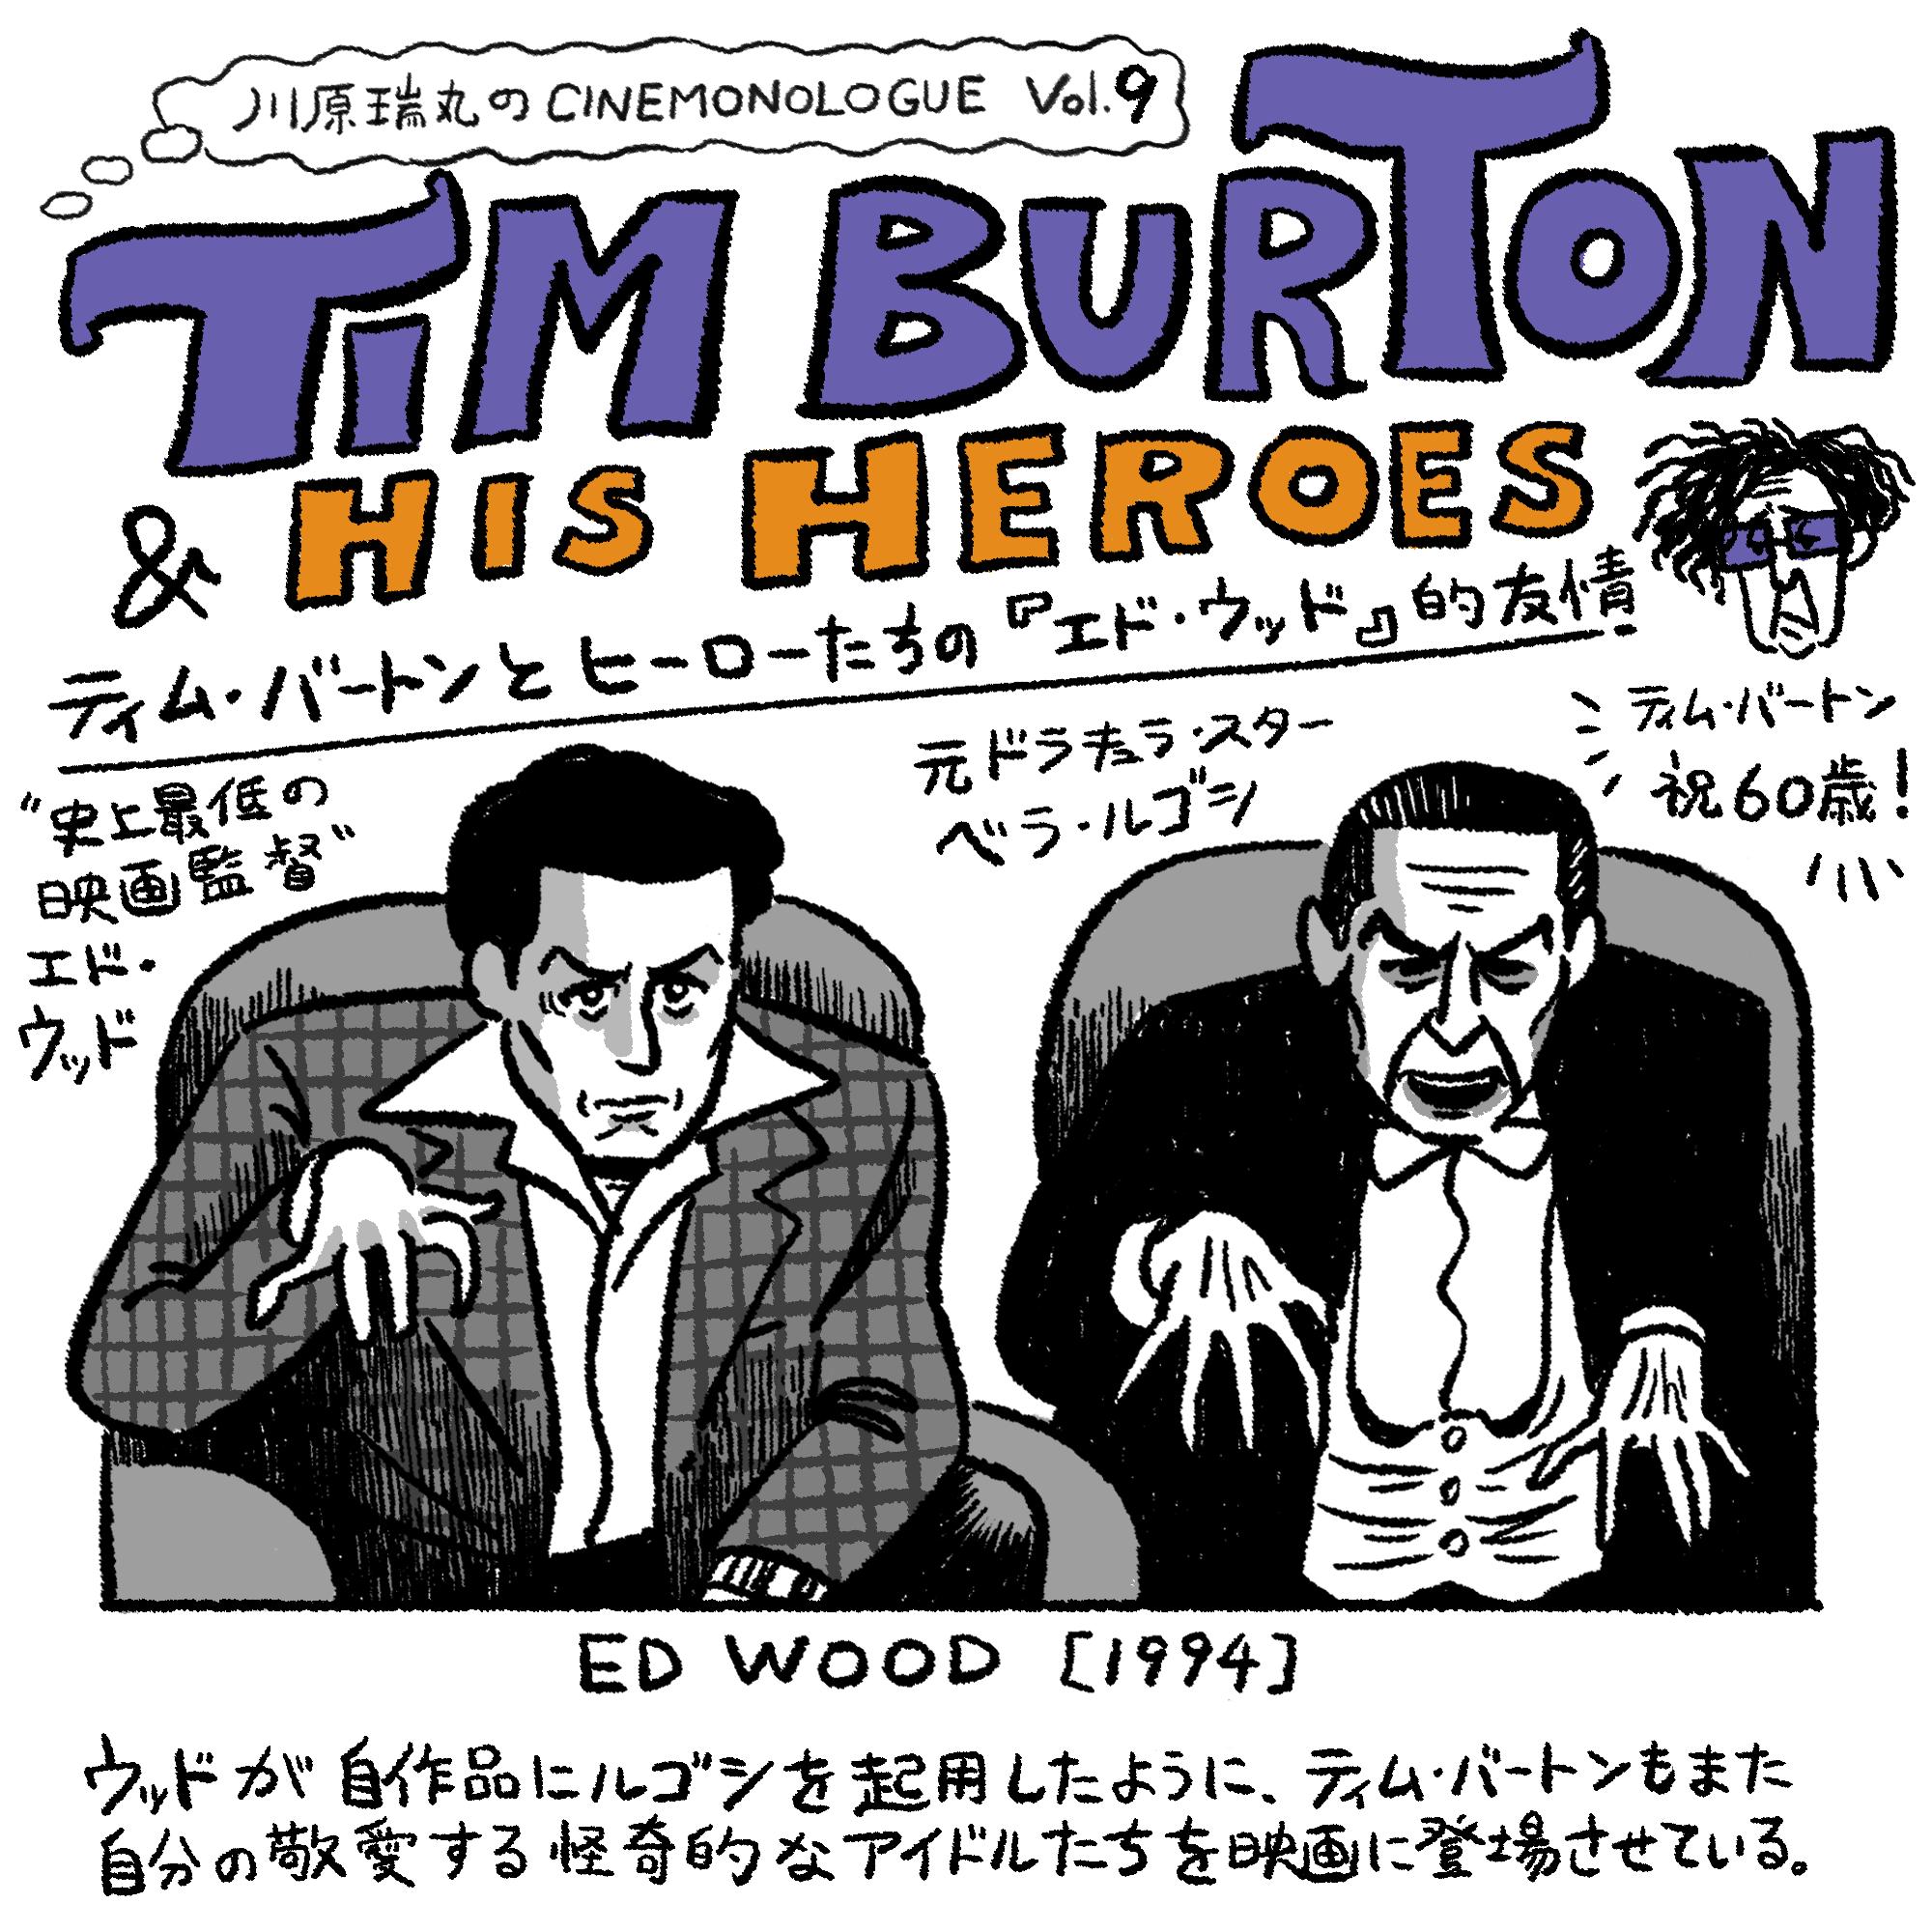 ティム・バートンとヒーローたちの『エド・ウッド』的友情【川原瑞丸のCINEMONOLOGUE Vol.9】